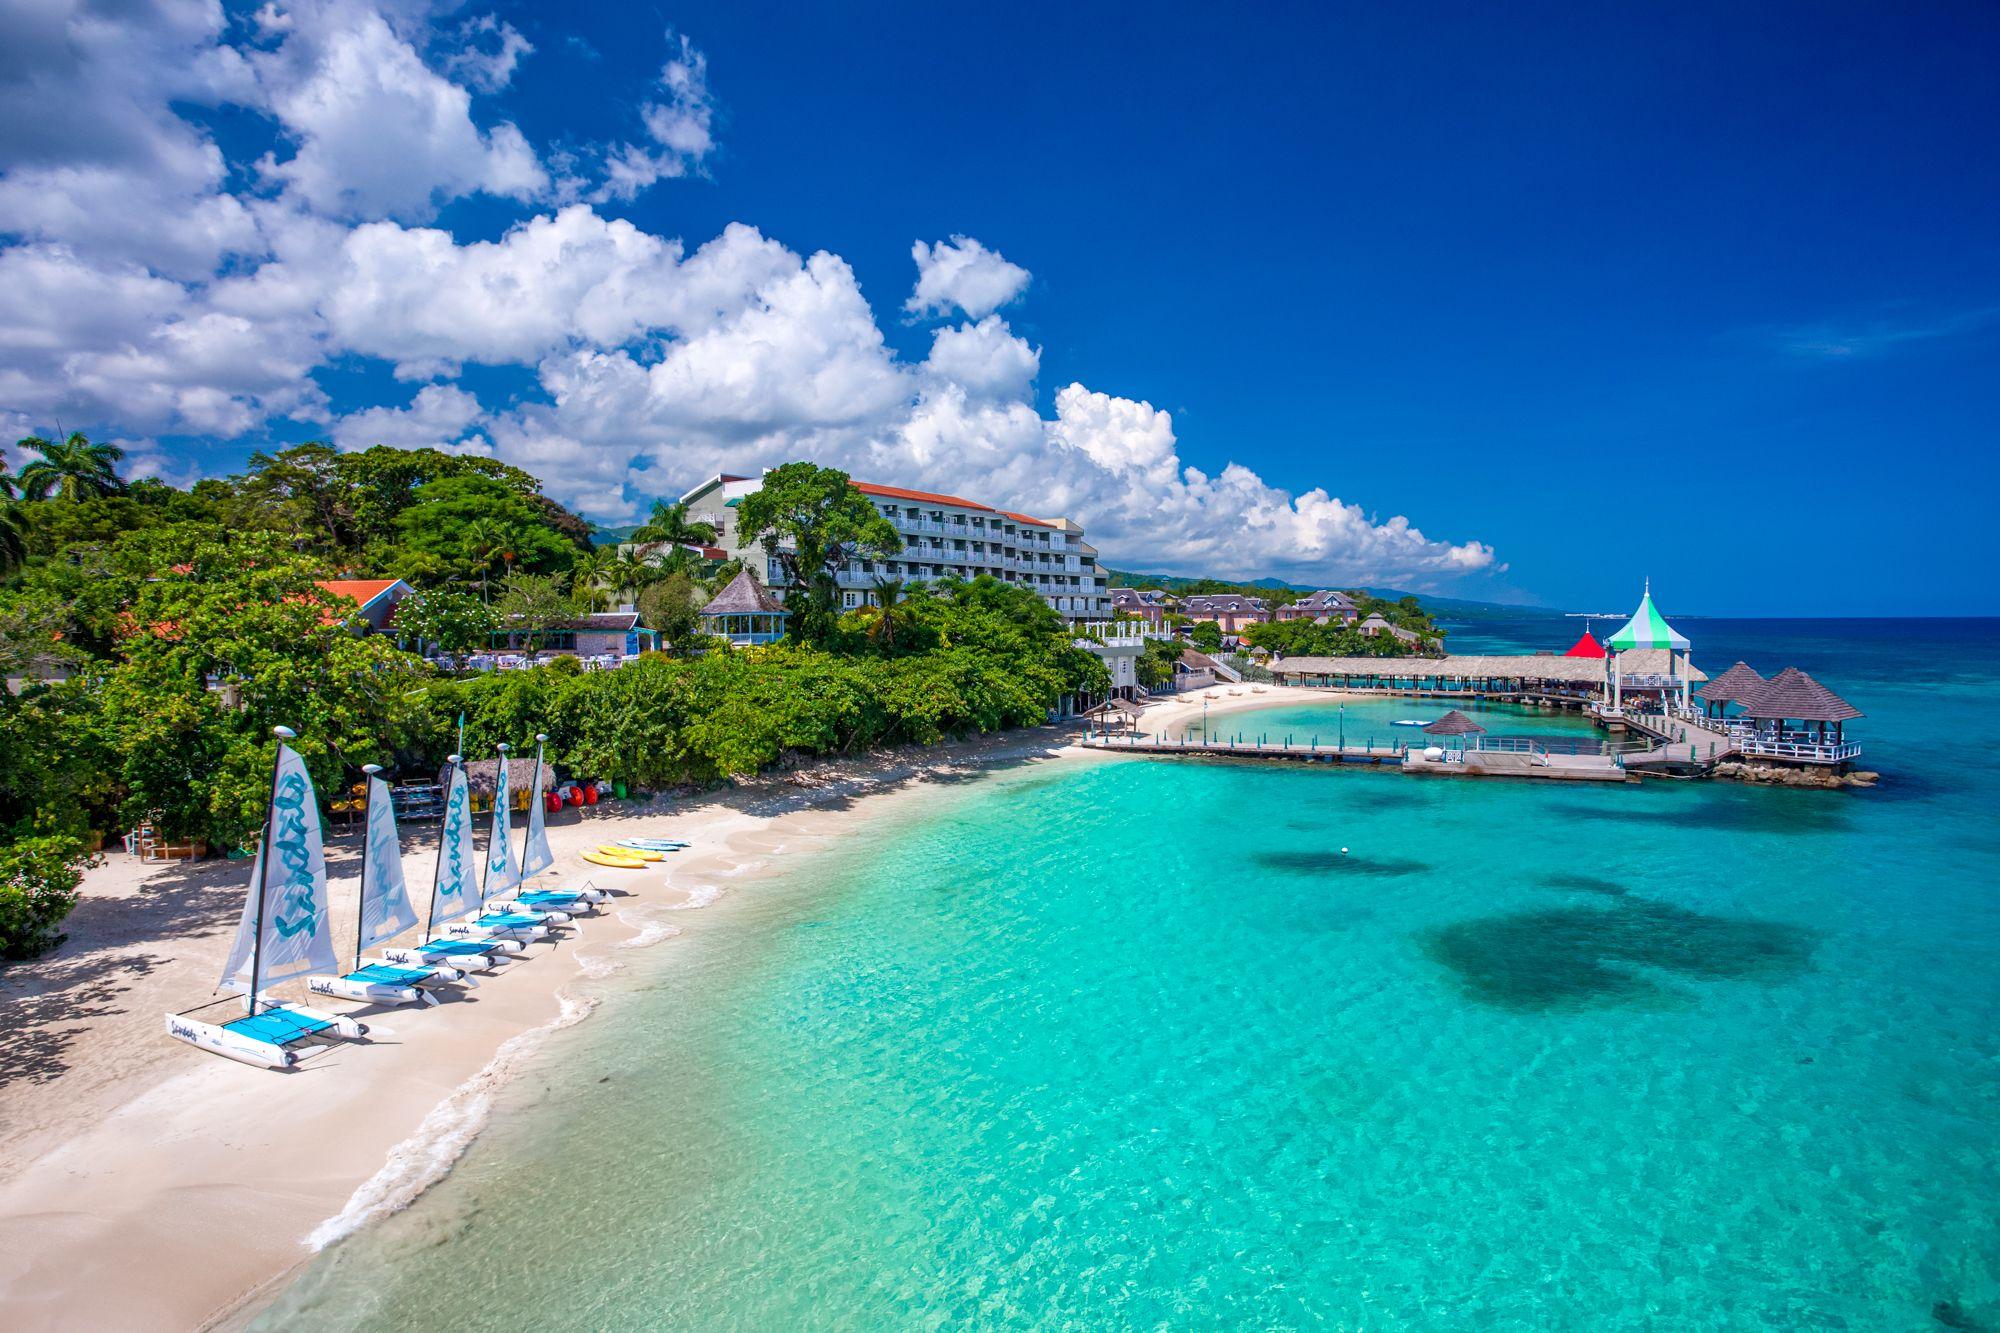 Sandals Ochi Ocho Rios Jamaica